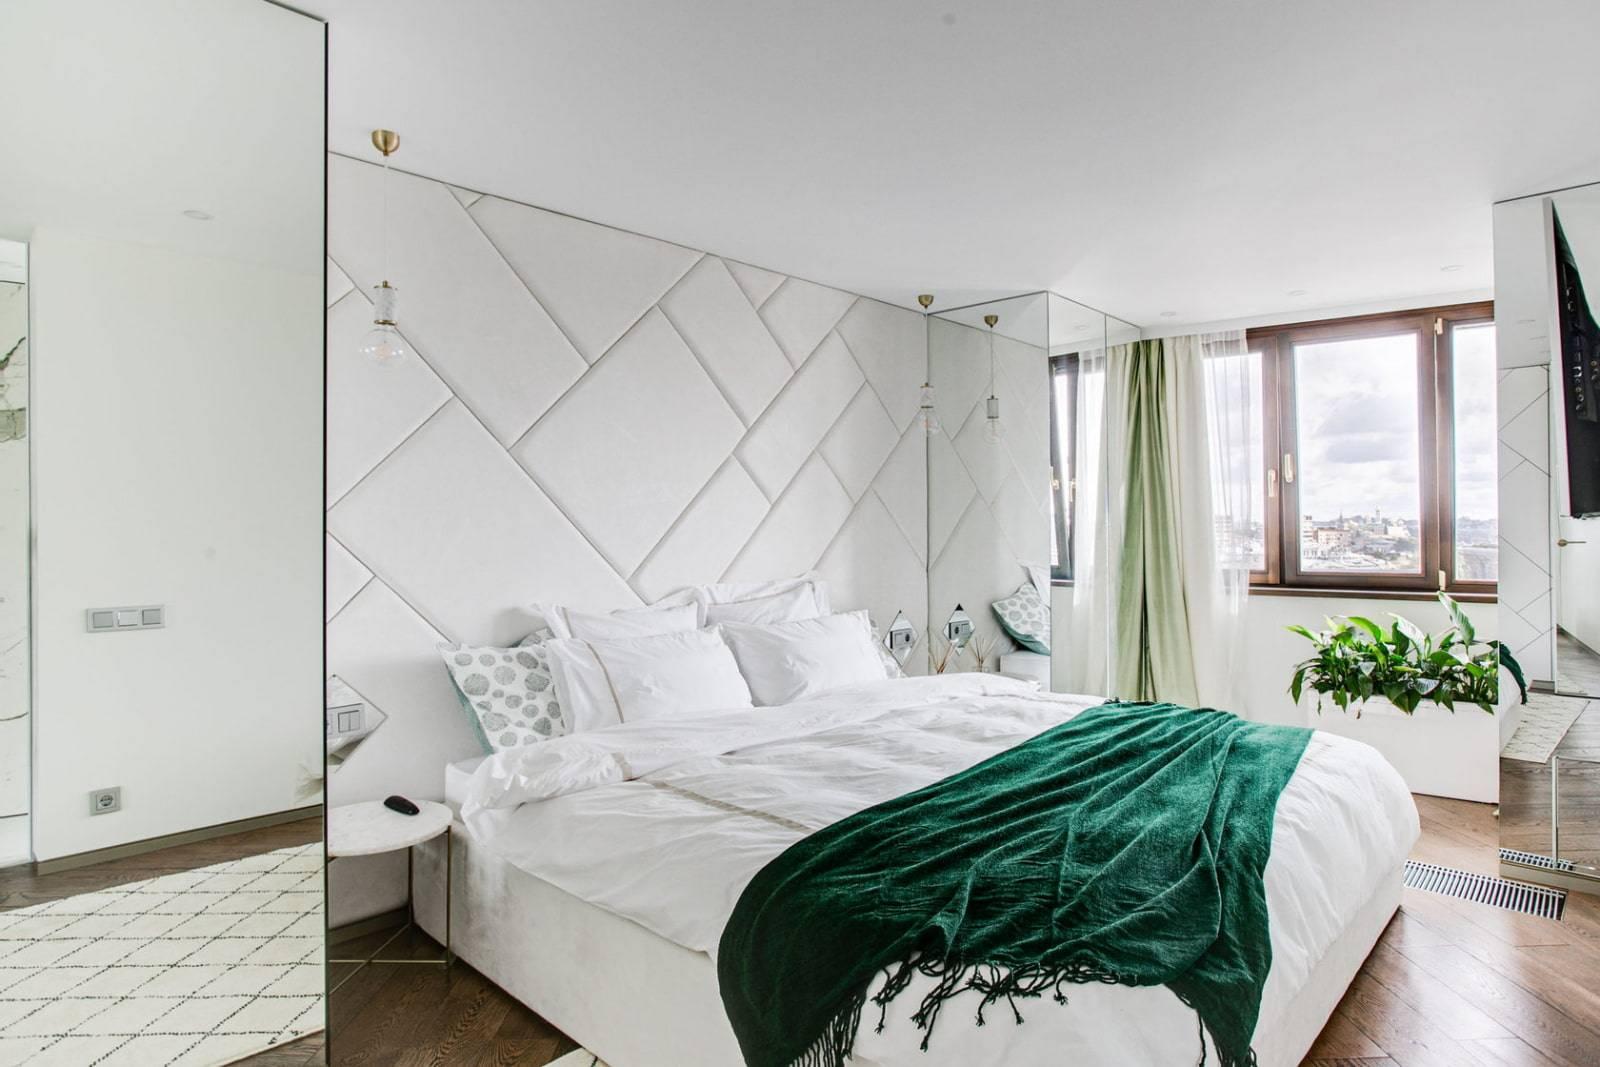 Интерьер квартиры - красивые современные идеи 2021 (117 фото): интересные решения в актуальных стилях, лучшие модные тенденции в оформлении жилых помещений